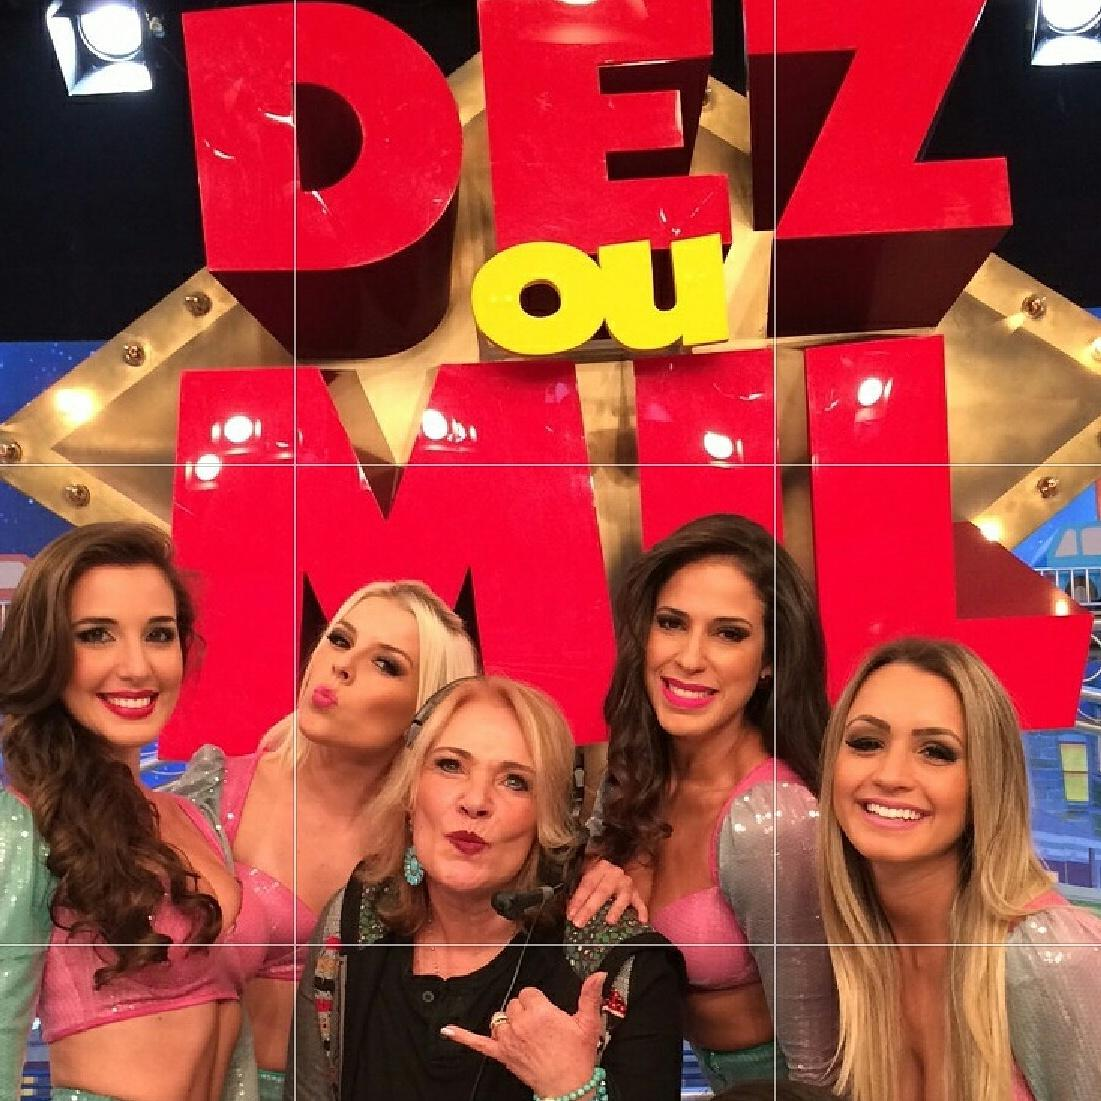 É hoje a partir das 22.15h ao vivo no Ratinho..Sensacional.. http://t.co/GAGt9itPTE